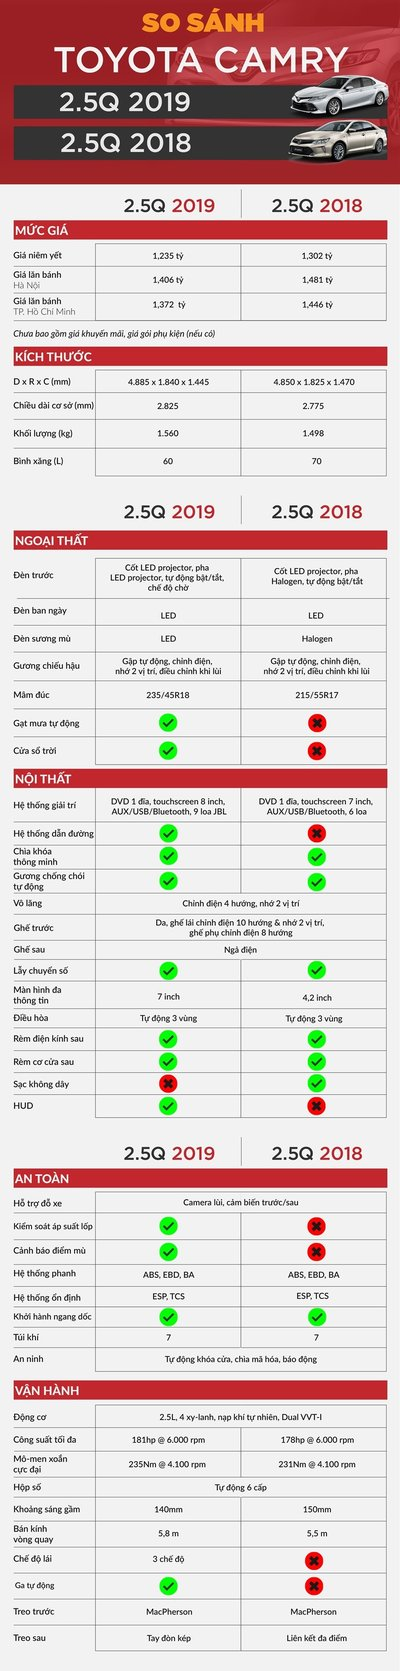 So sánh thế hệ mới và thế hệ cũ của Toyota Camry 2.5Q tại Việt Nam...